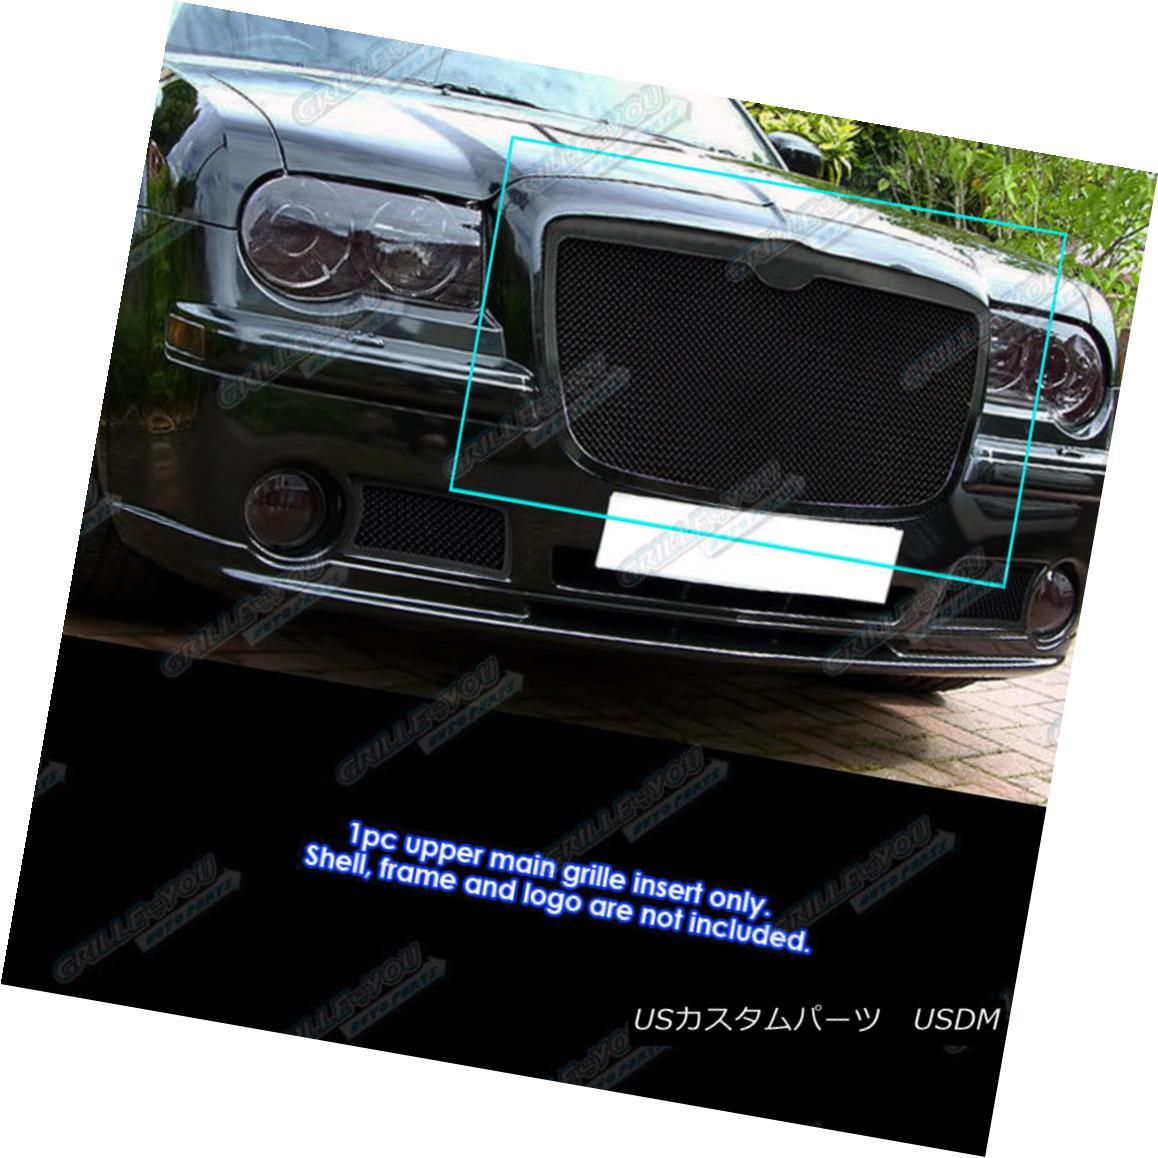 グリル Fits 2005-2010 Chrysler 300/300C Stainless Steel Black Mesh Grille Grill Insert 適合2005-2010クライスラー300 / 300Cステンレススチールブラックメッシュグリルグリルインサート